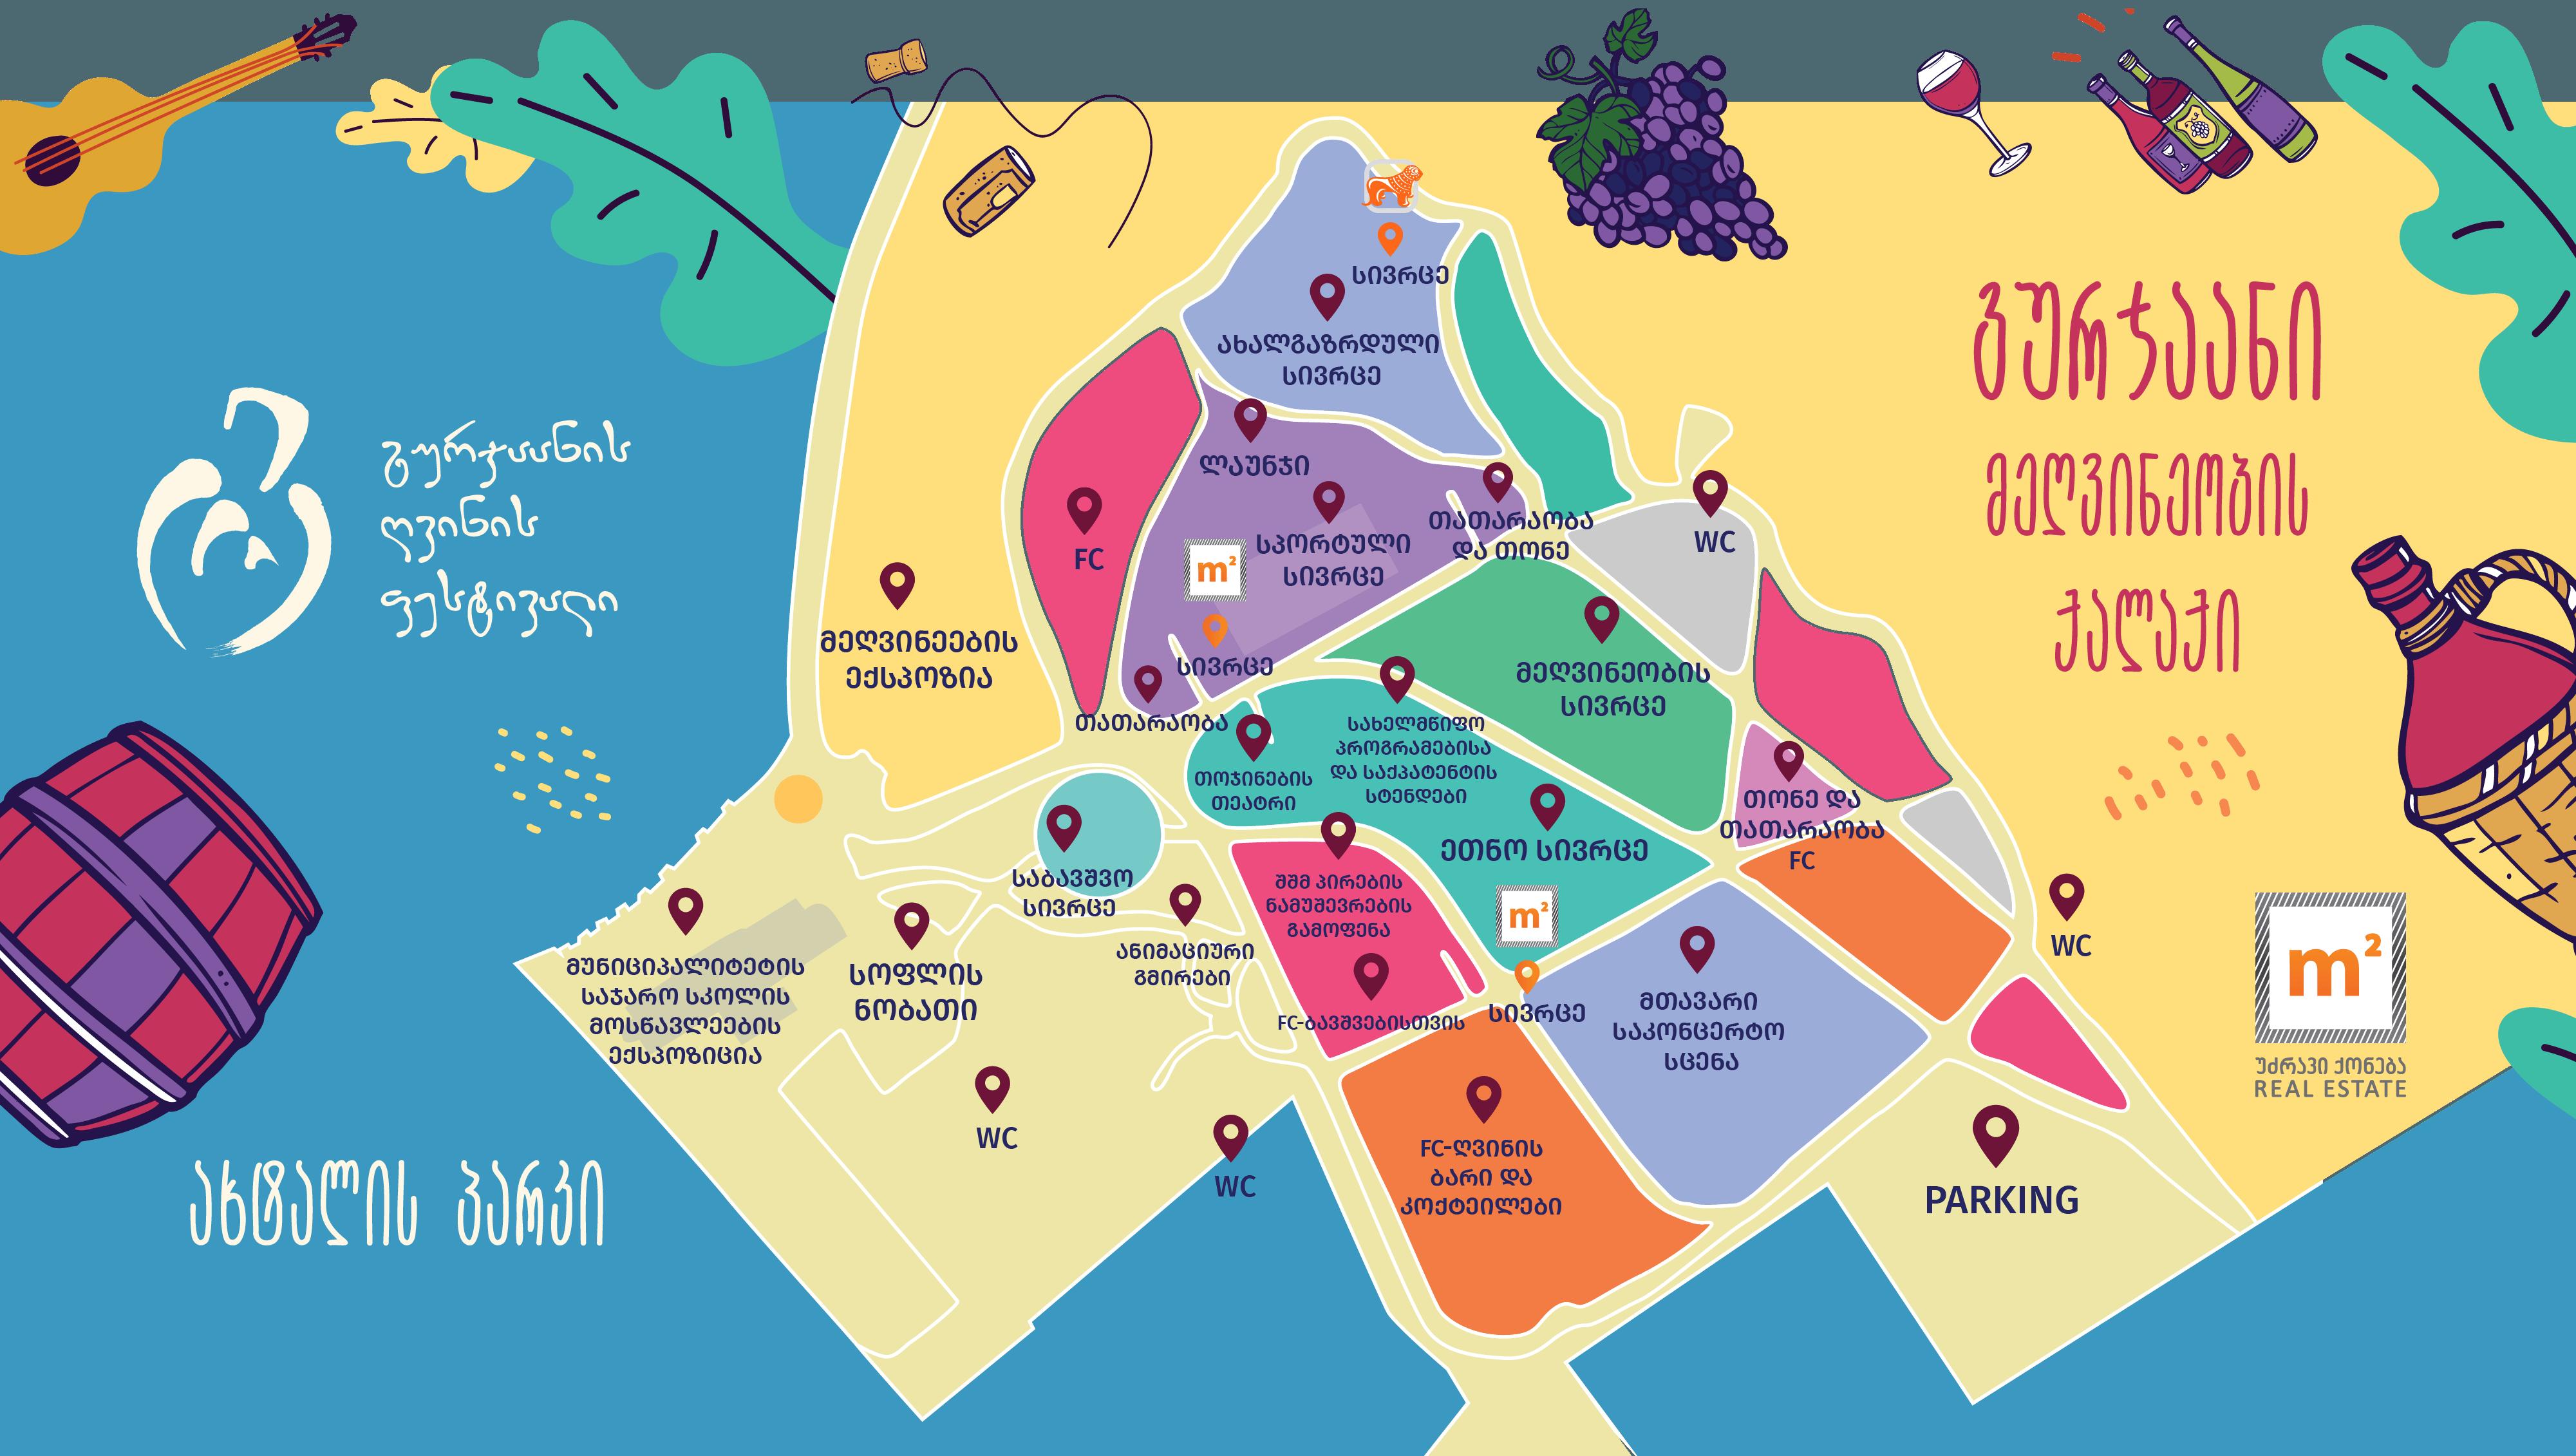 გურჯაანის ღვინის ფესტივალი